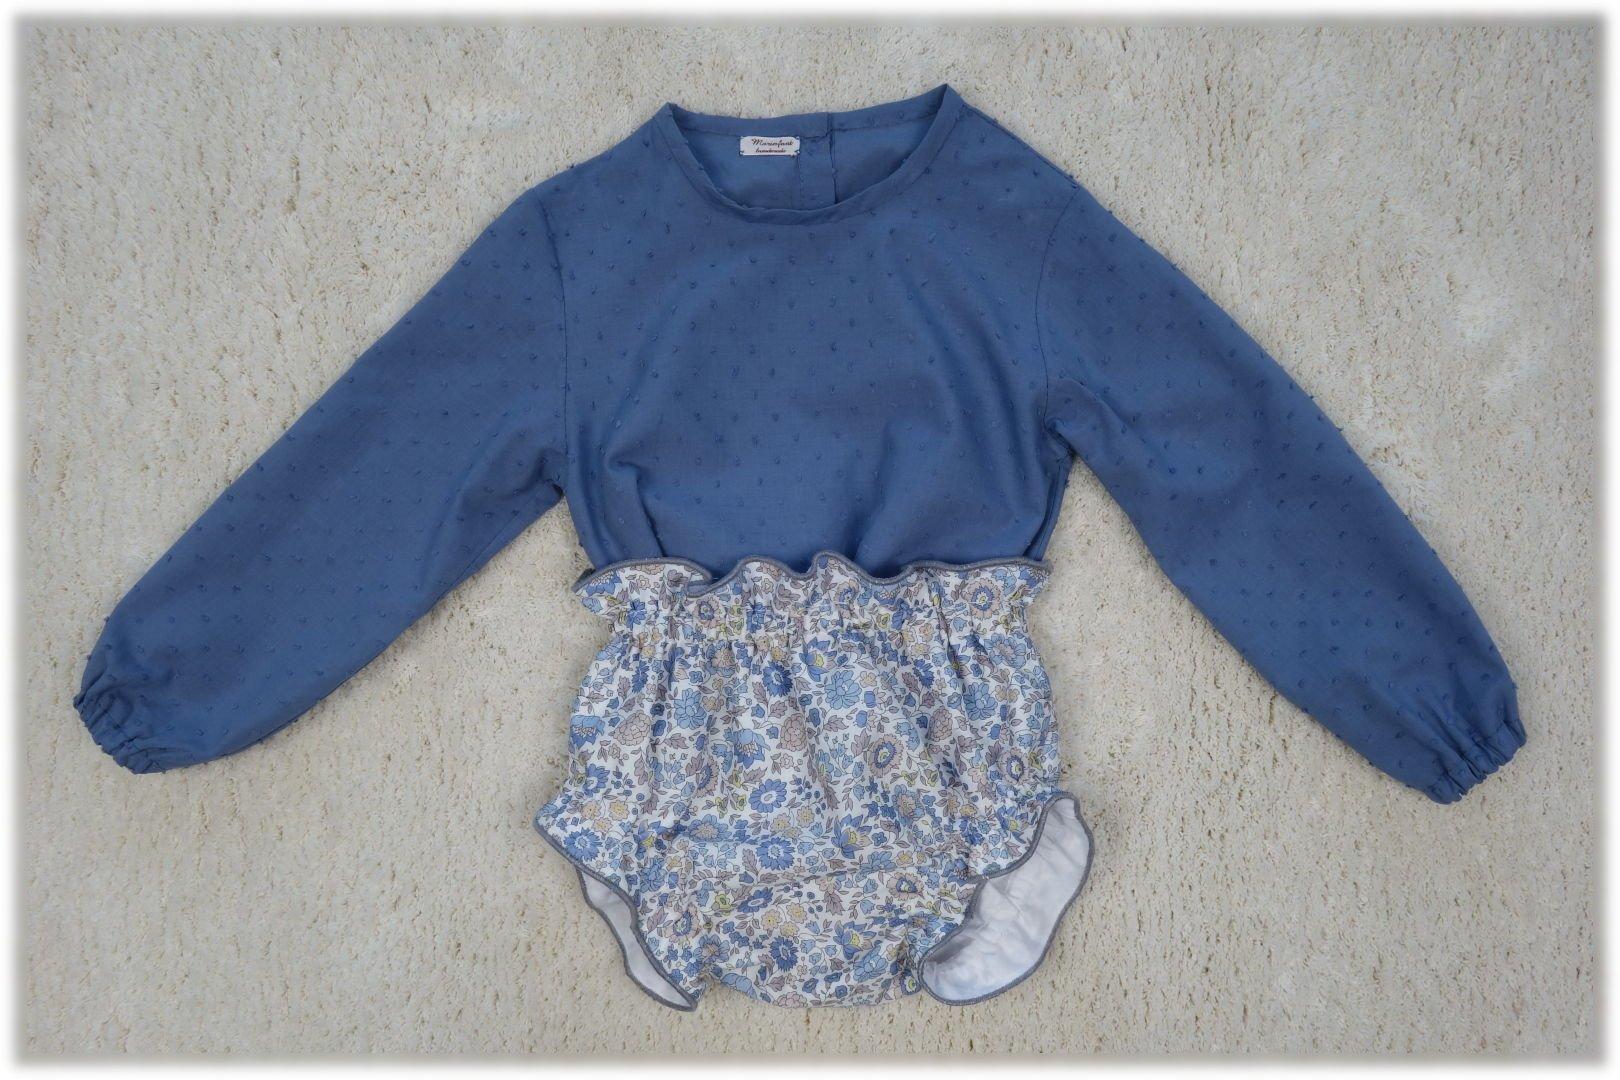 Vista frontal de combinación culotte liberty flores y camisa plumeti en azul.